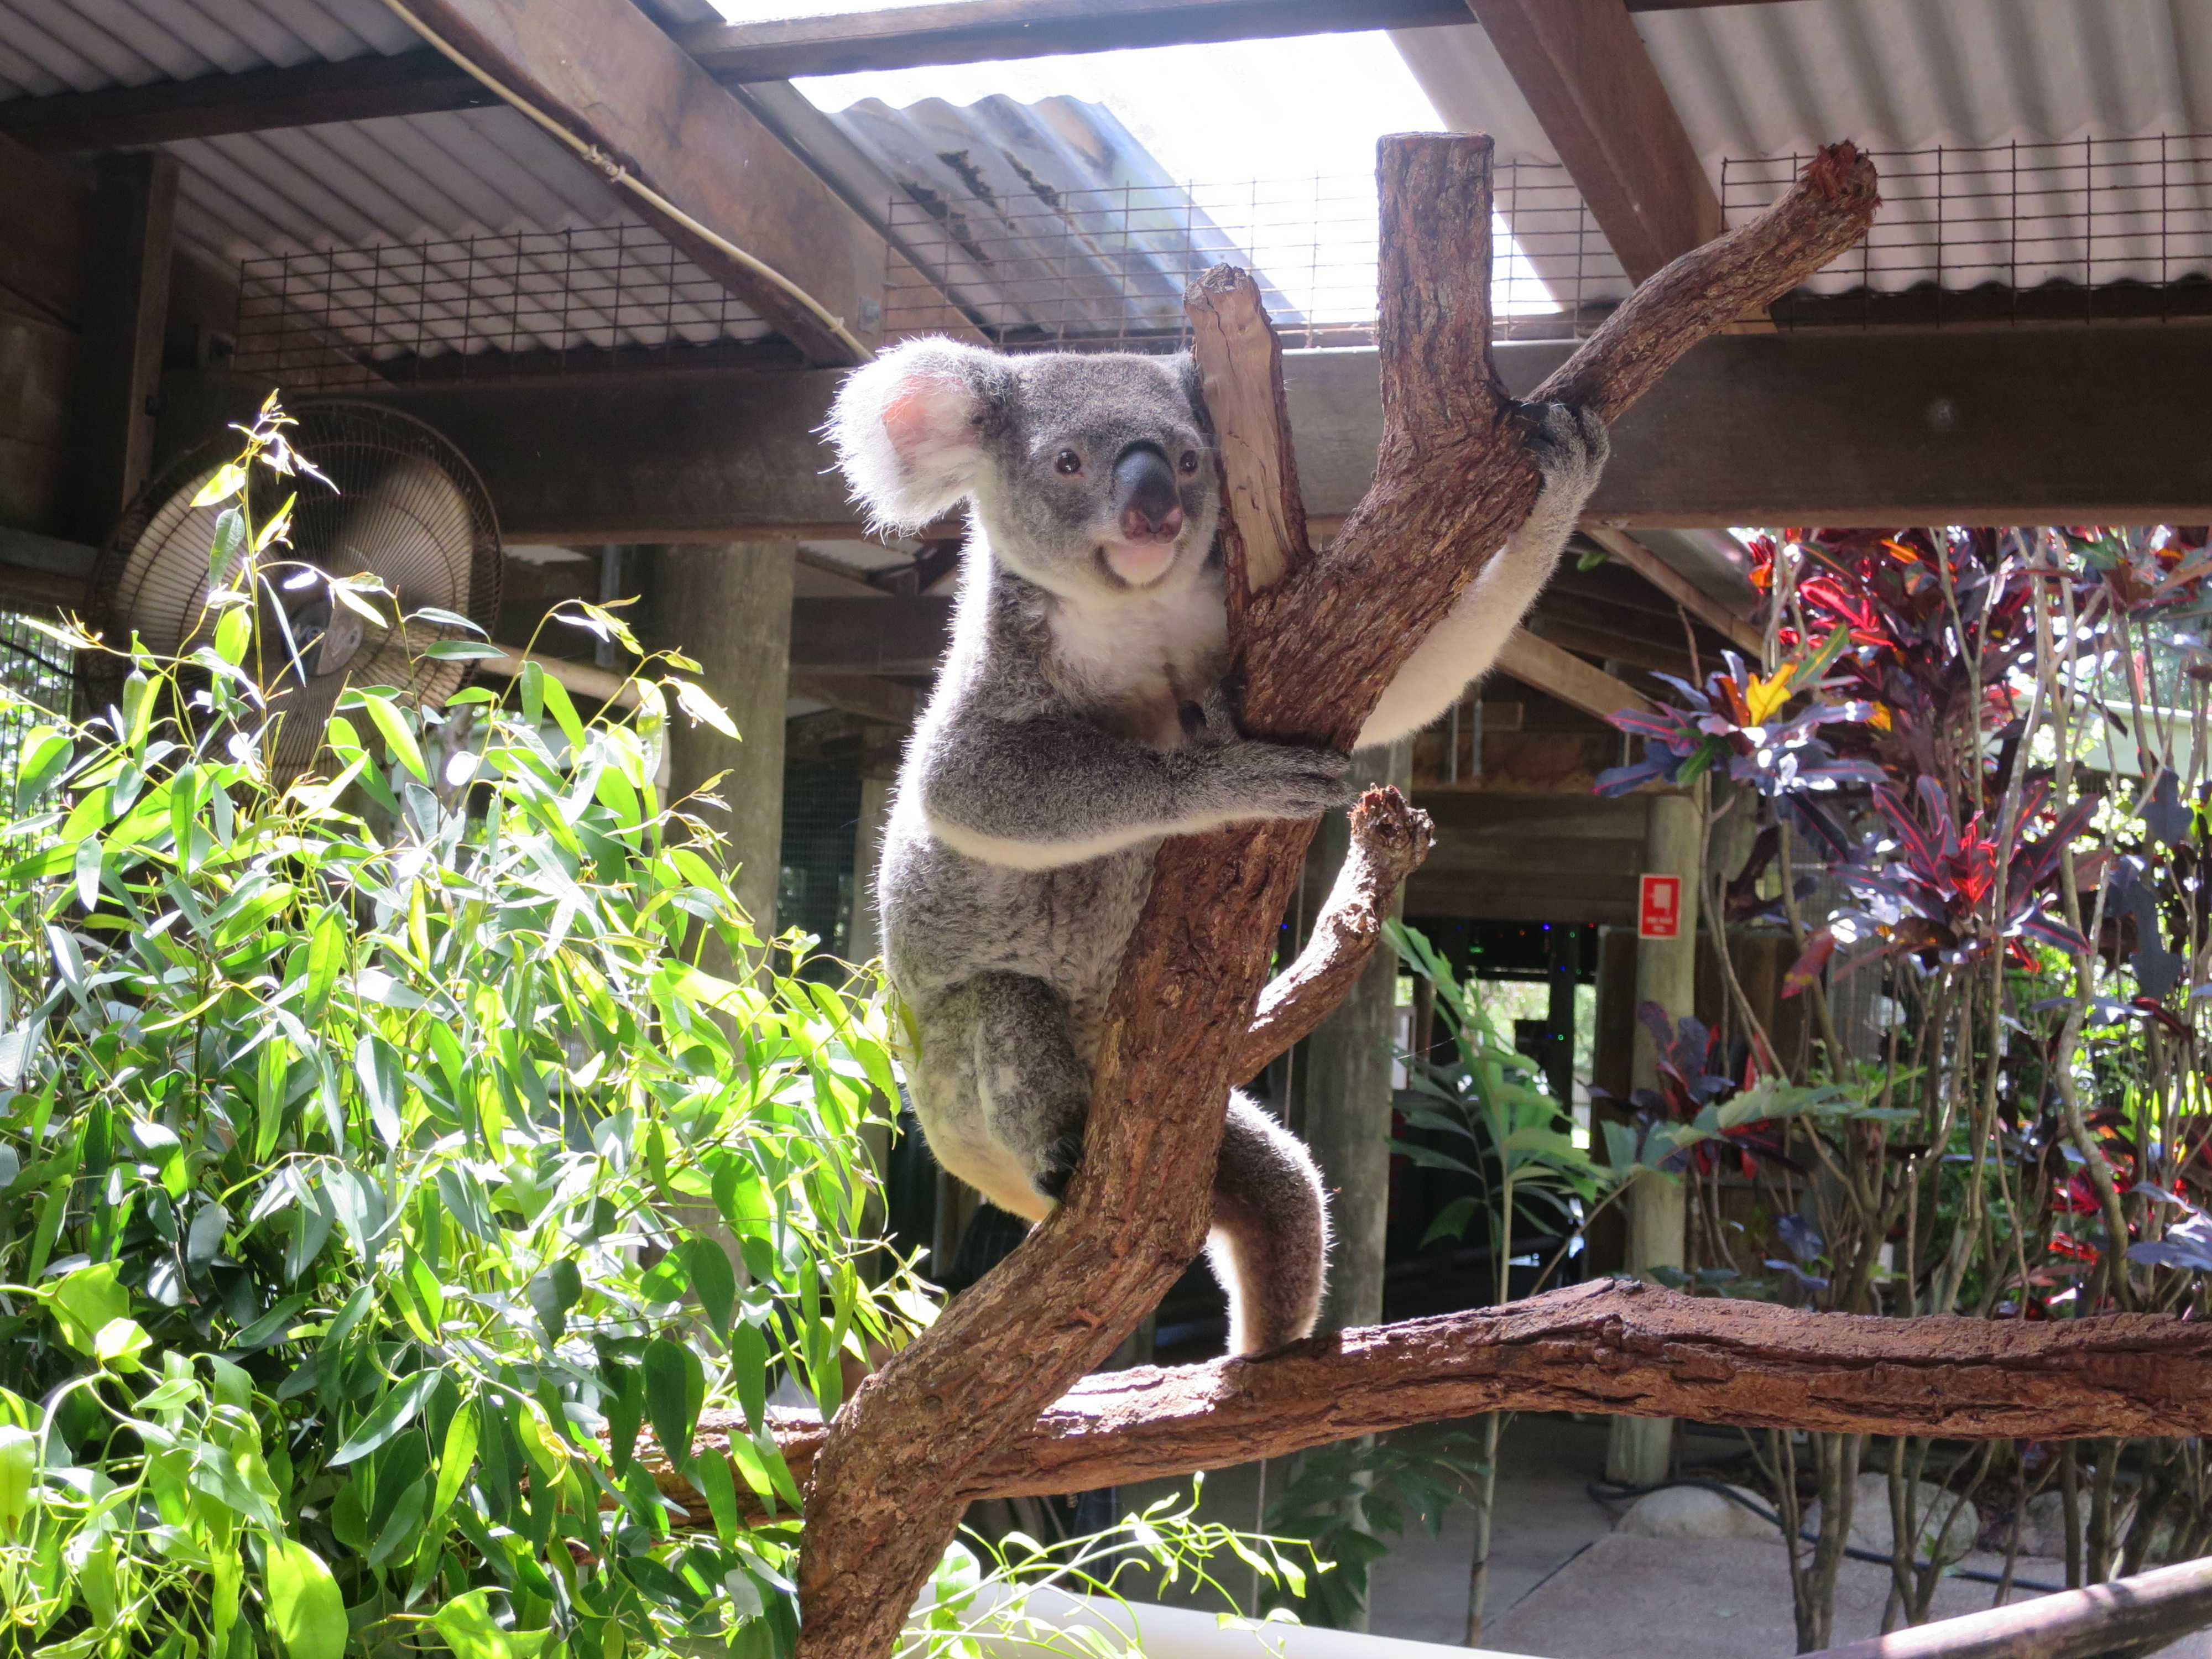 ケアンズトロピカルズー - まん丸なコアラの瞳